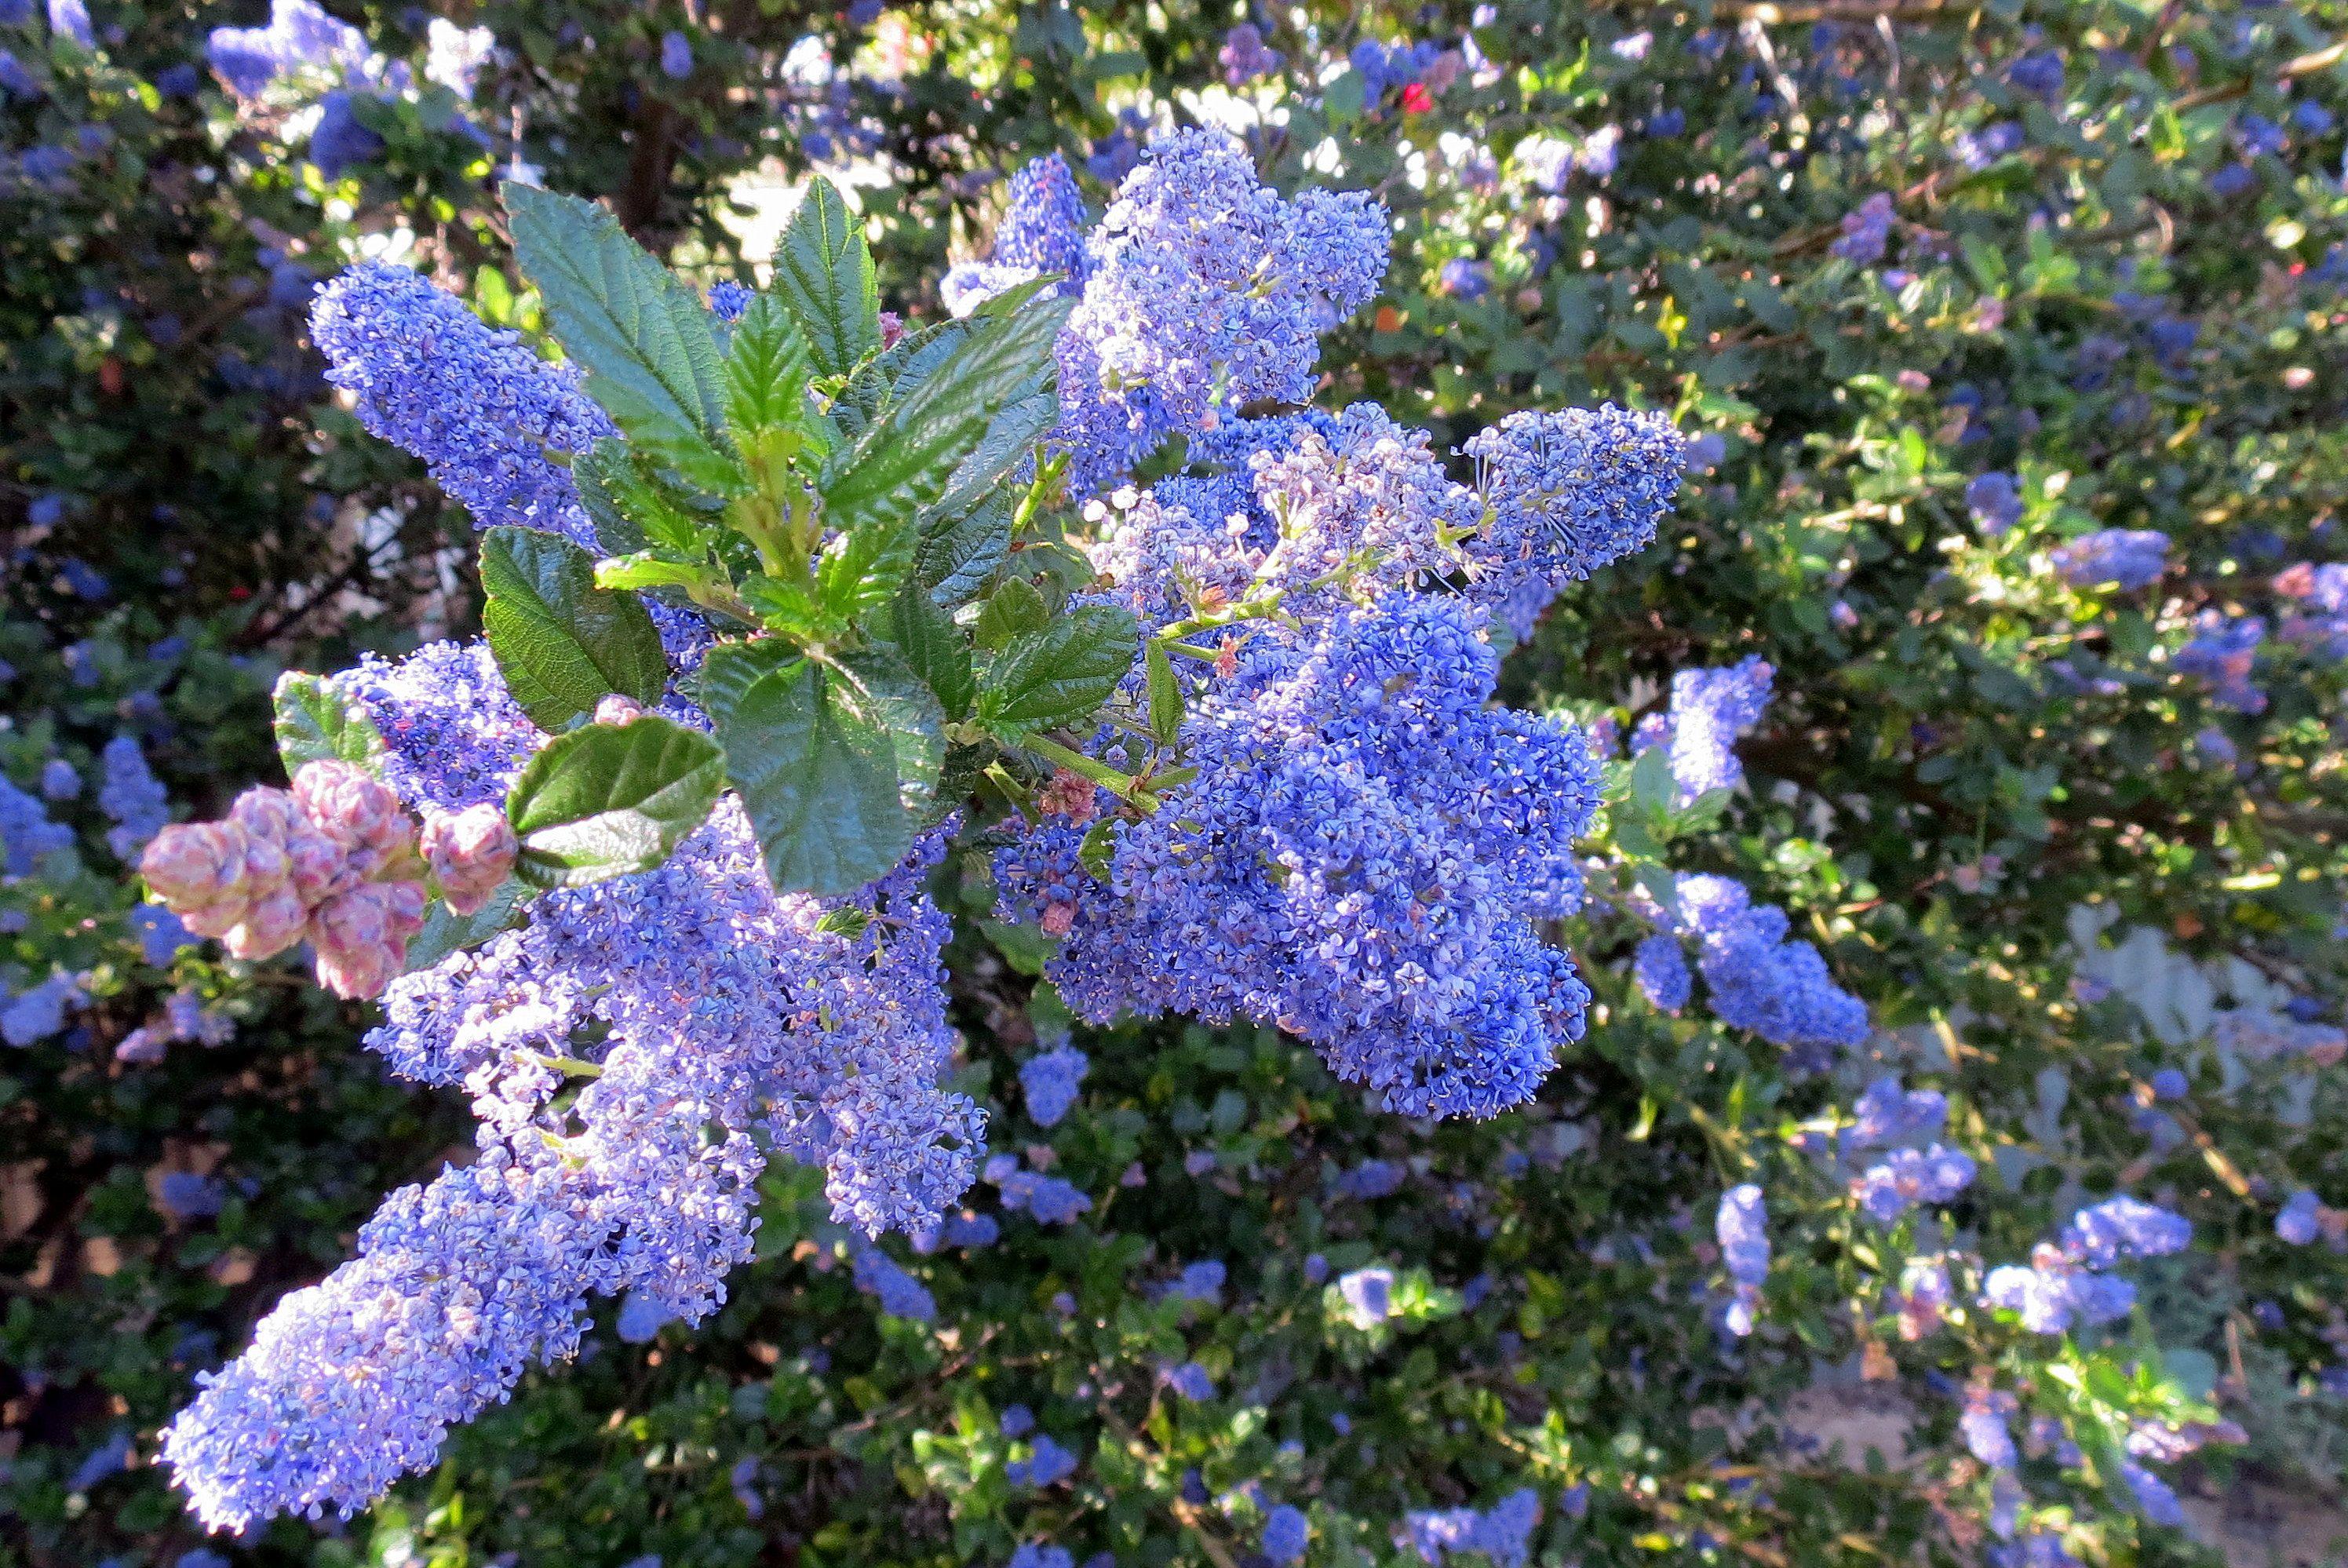 Primer plano de una hermosa flor azul de un ceanothus